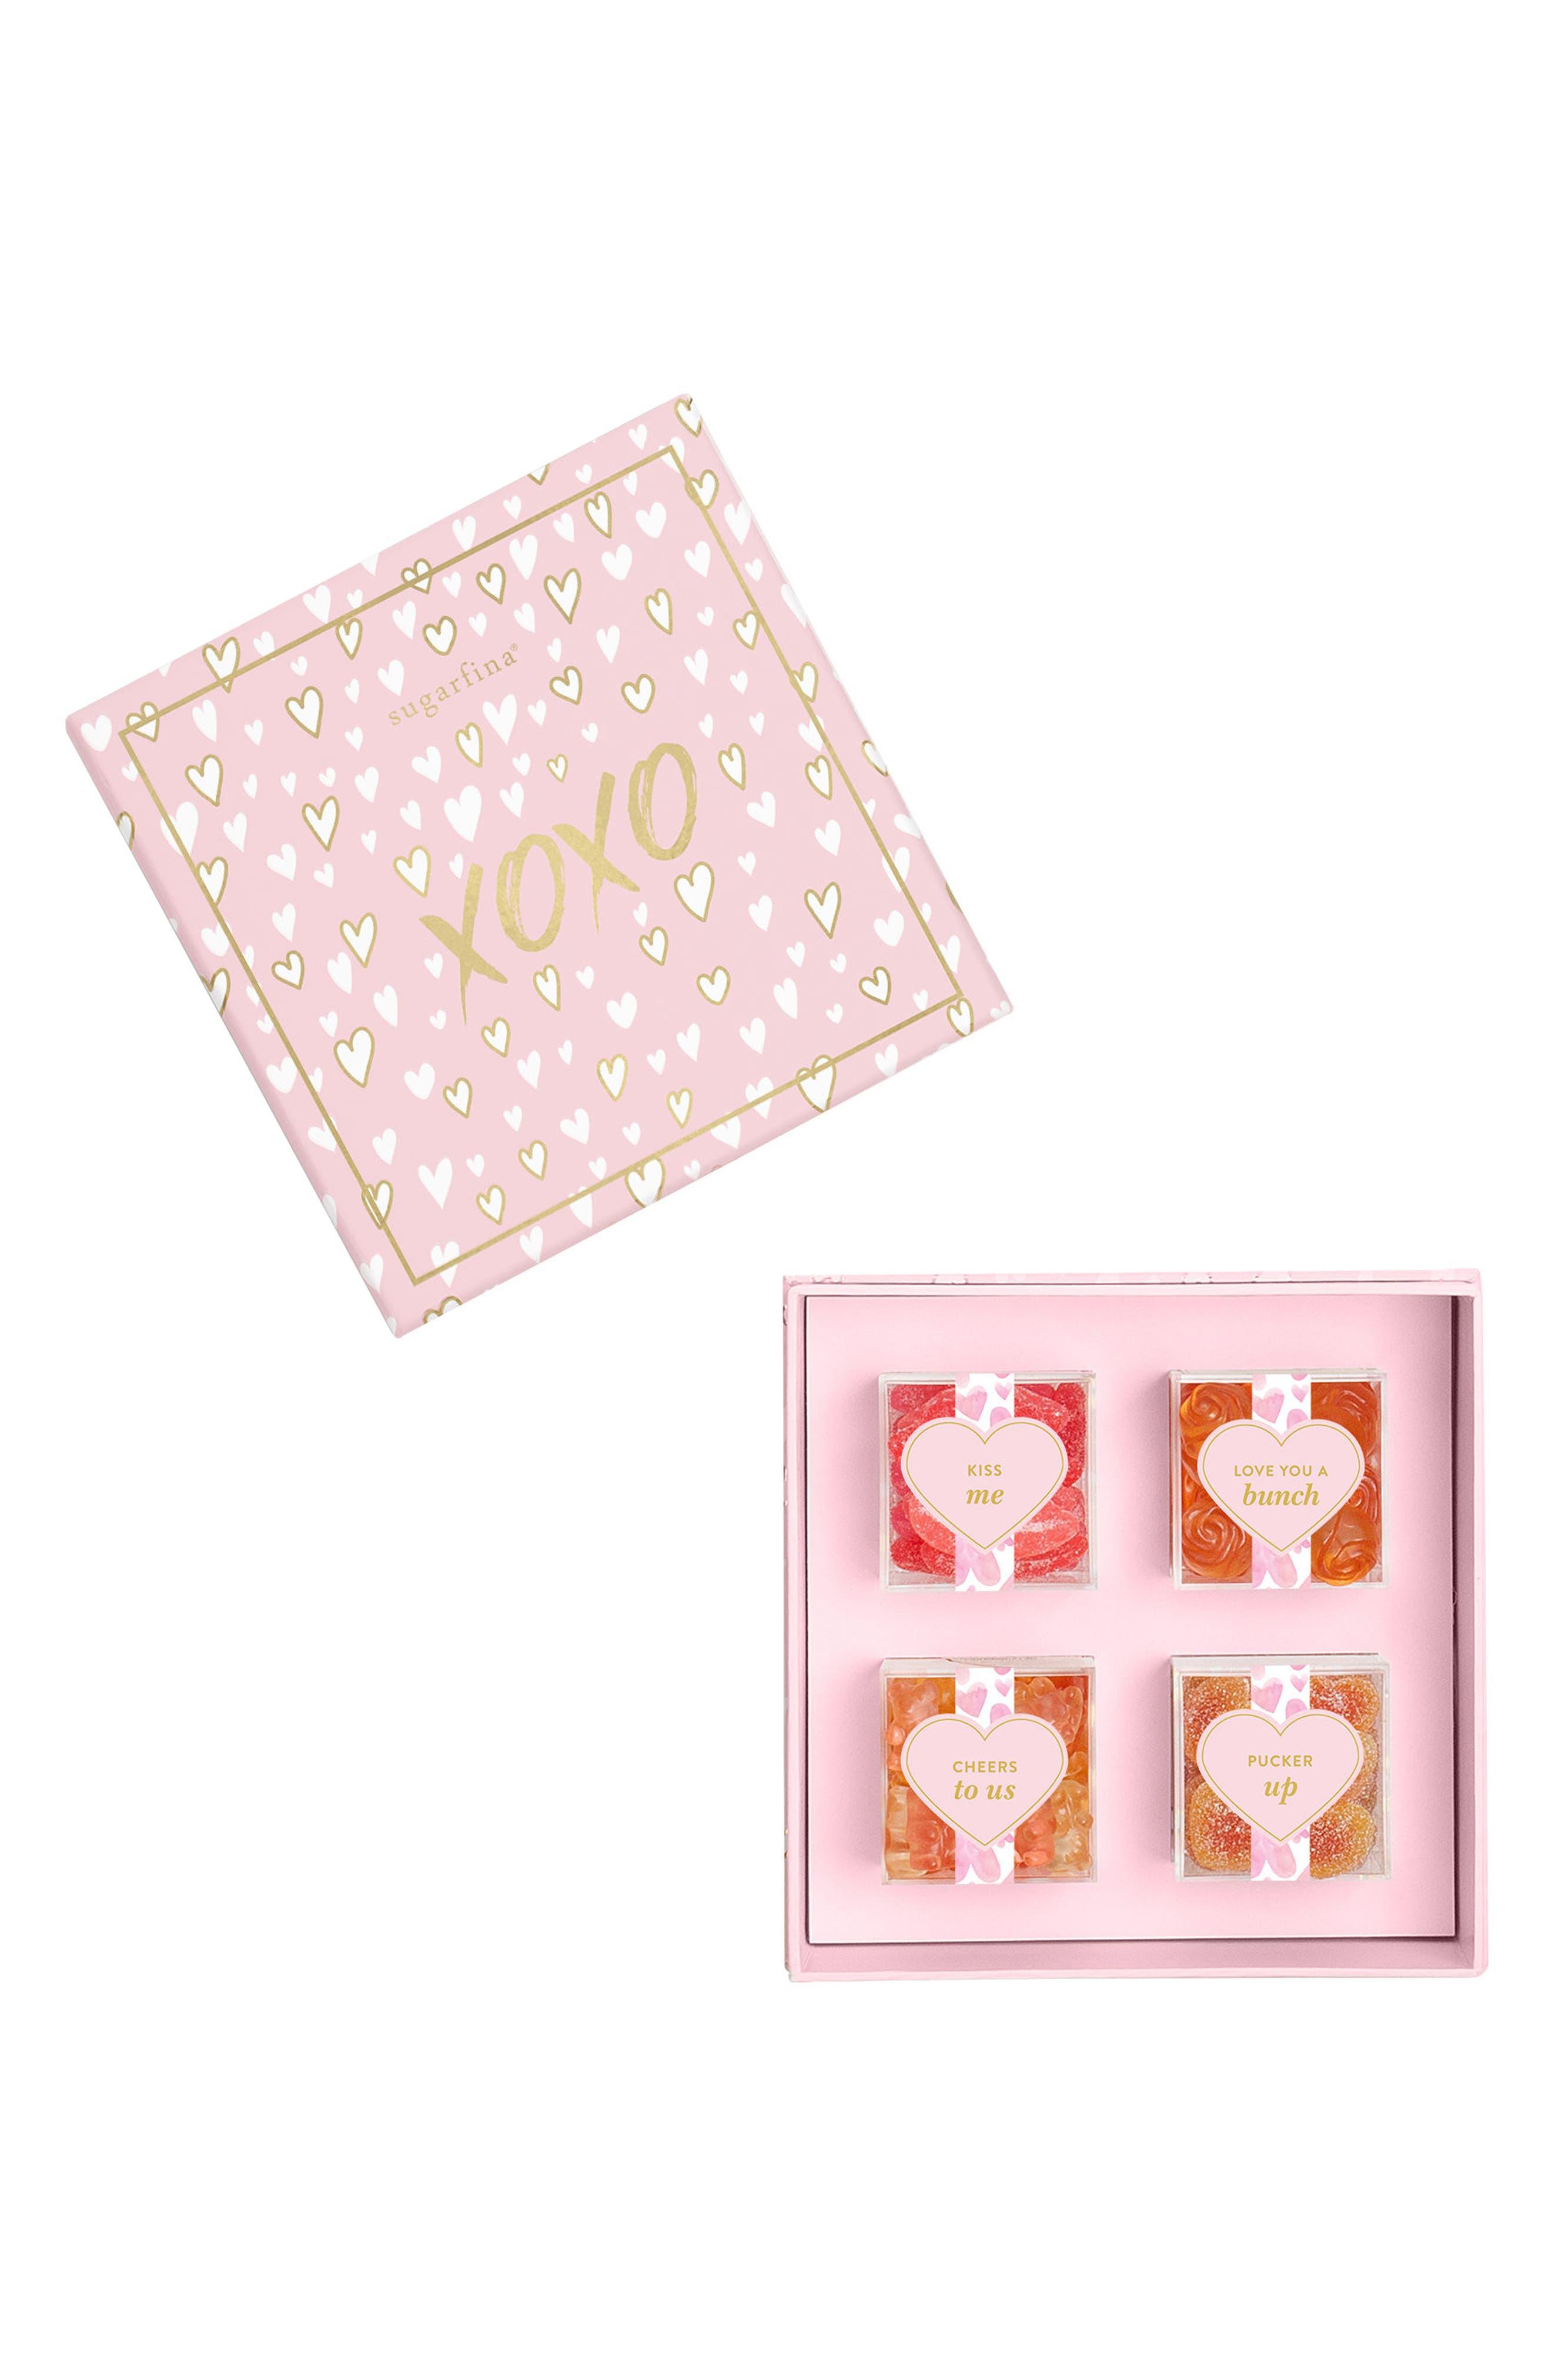 XOXO 4-Piece Candy Bento Box,                             Main thumbnail 1, color,                             Pink